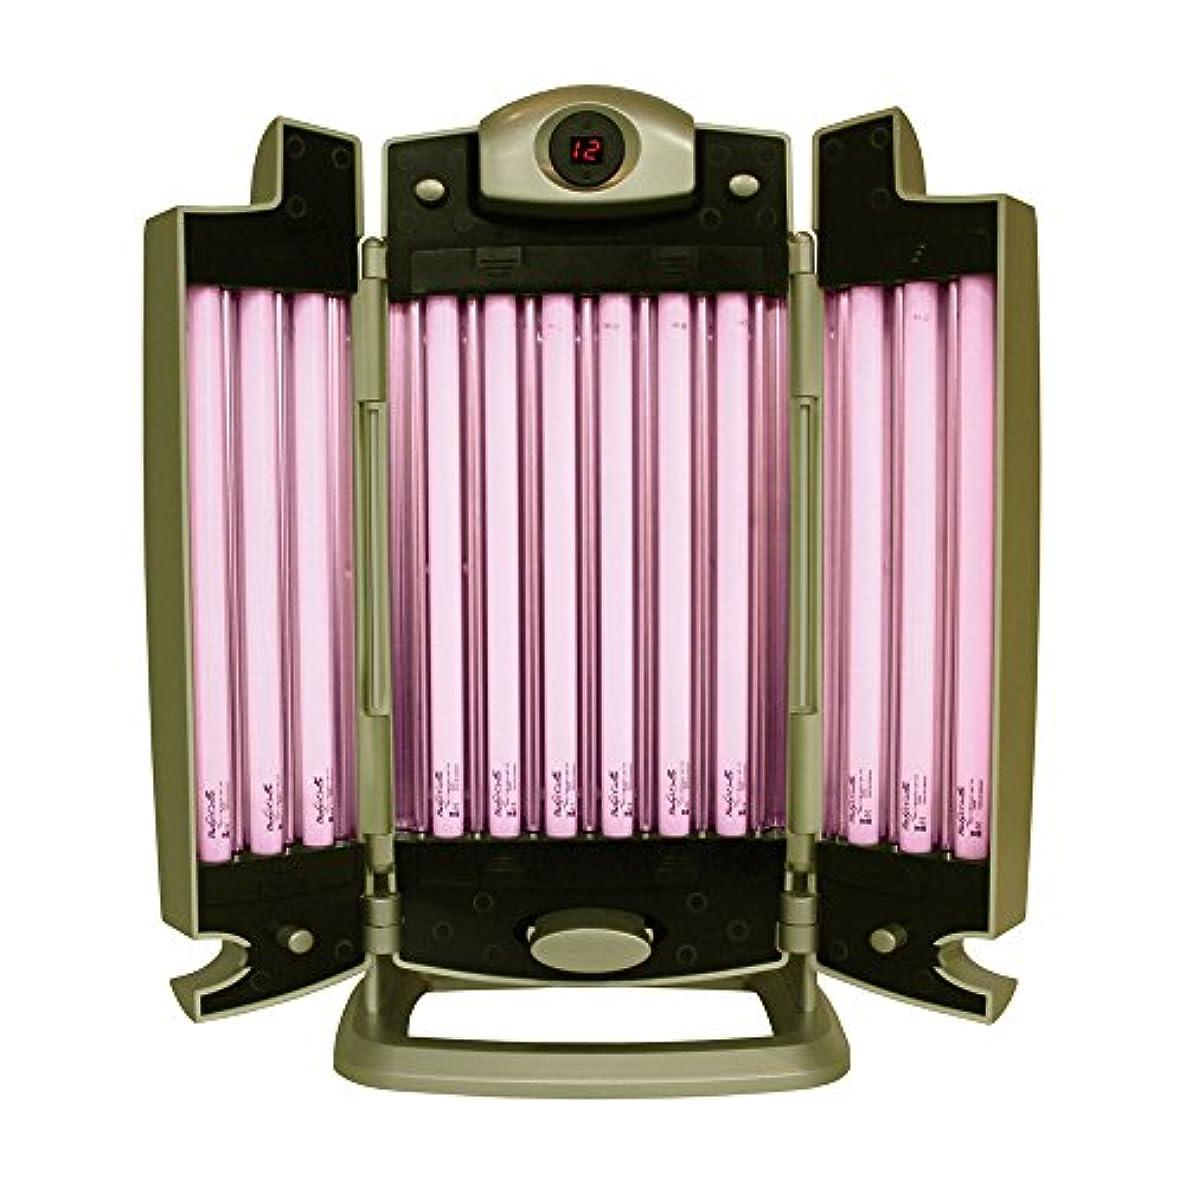 カップキャプション変色するBeauty Light(ビューティーライト) フェイシャル パーフェクトケアセット